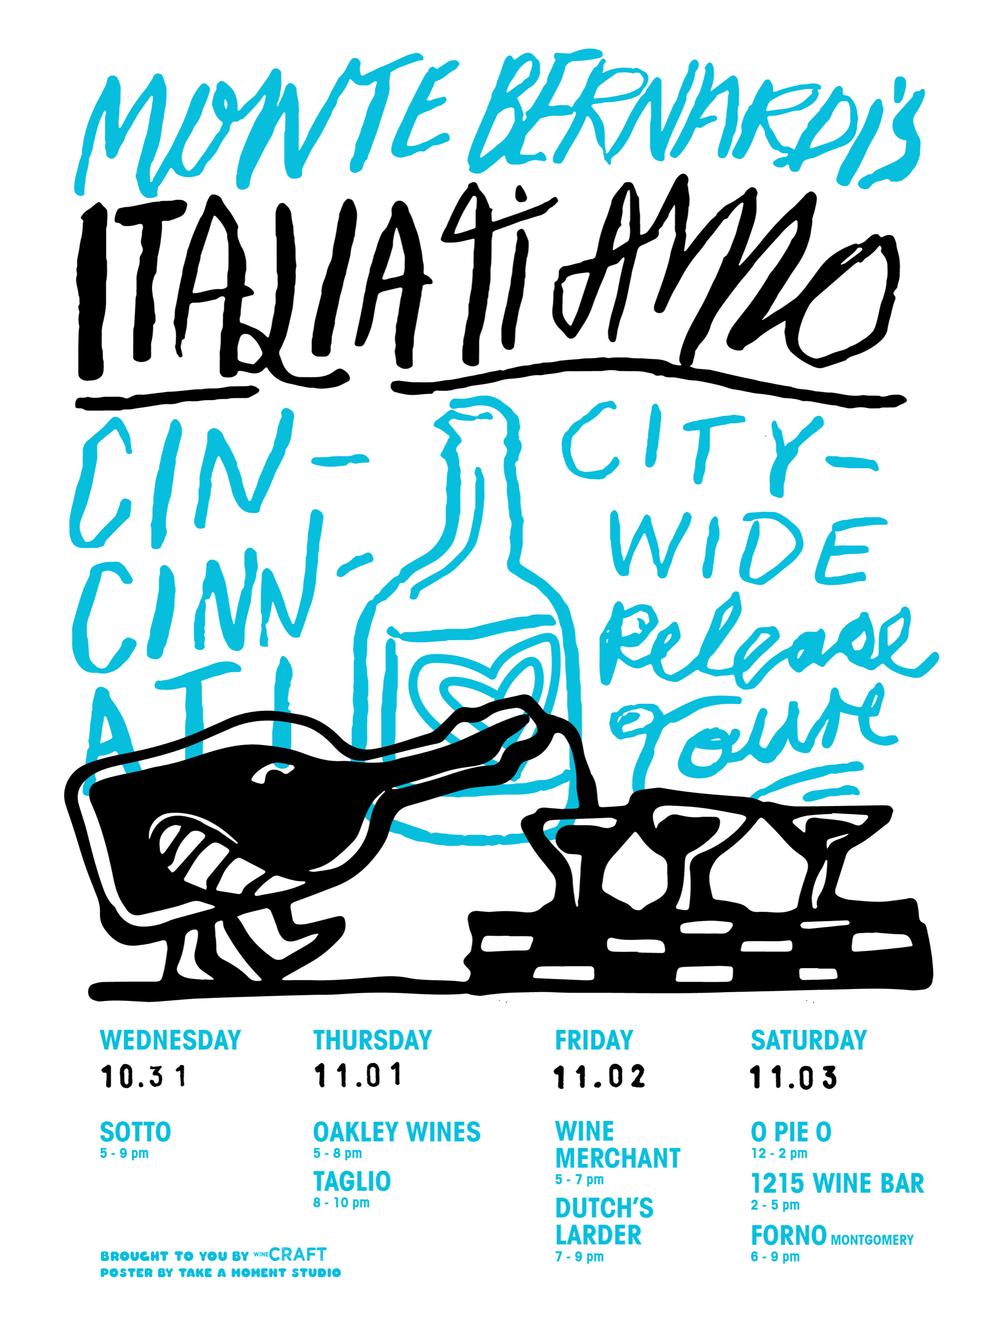 HARTCRU_ItaliaTiAmo_Poster_02.png